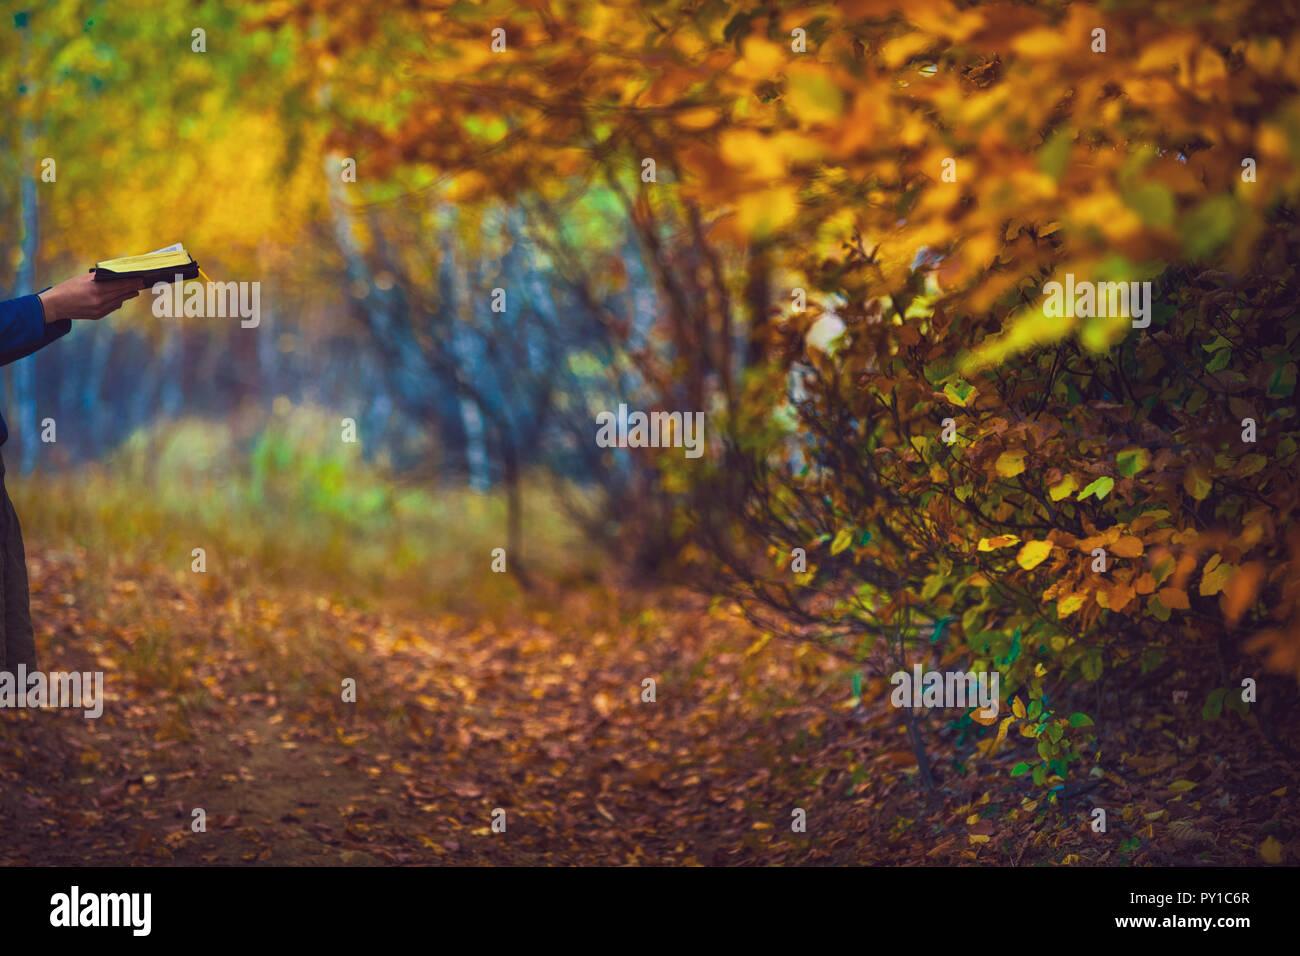 La lecture de la Bible dans une forêt d'automne Banque D'Images